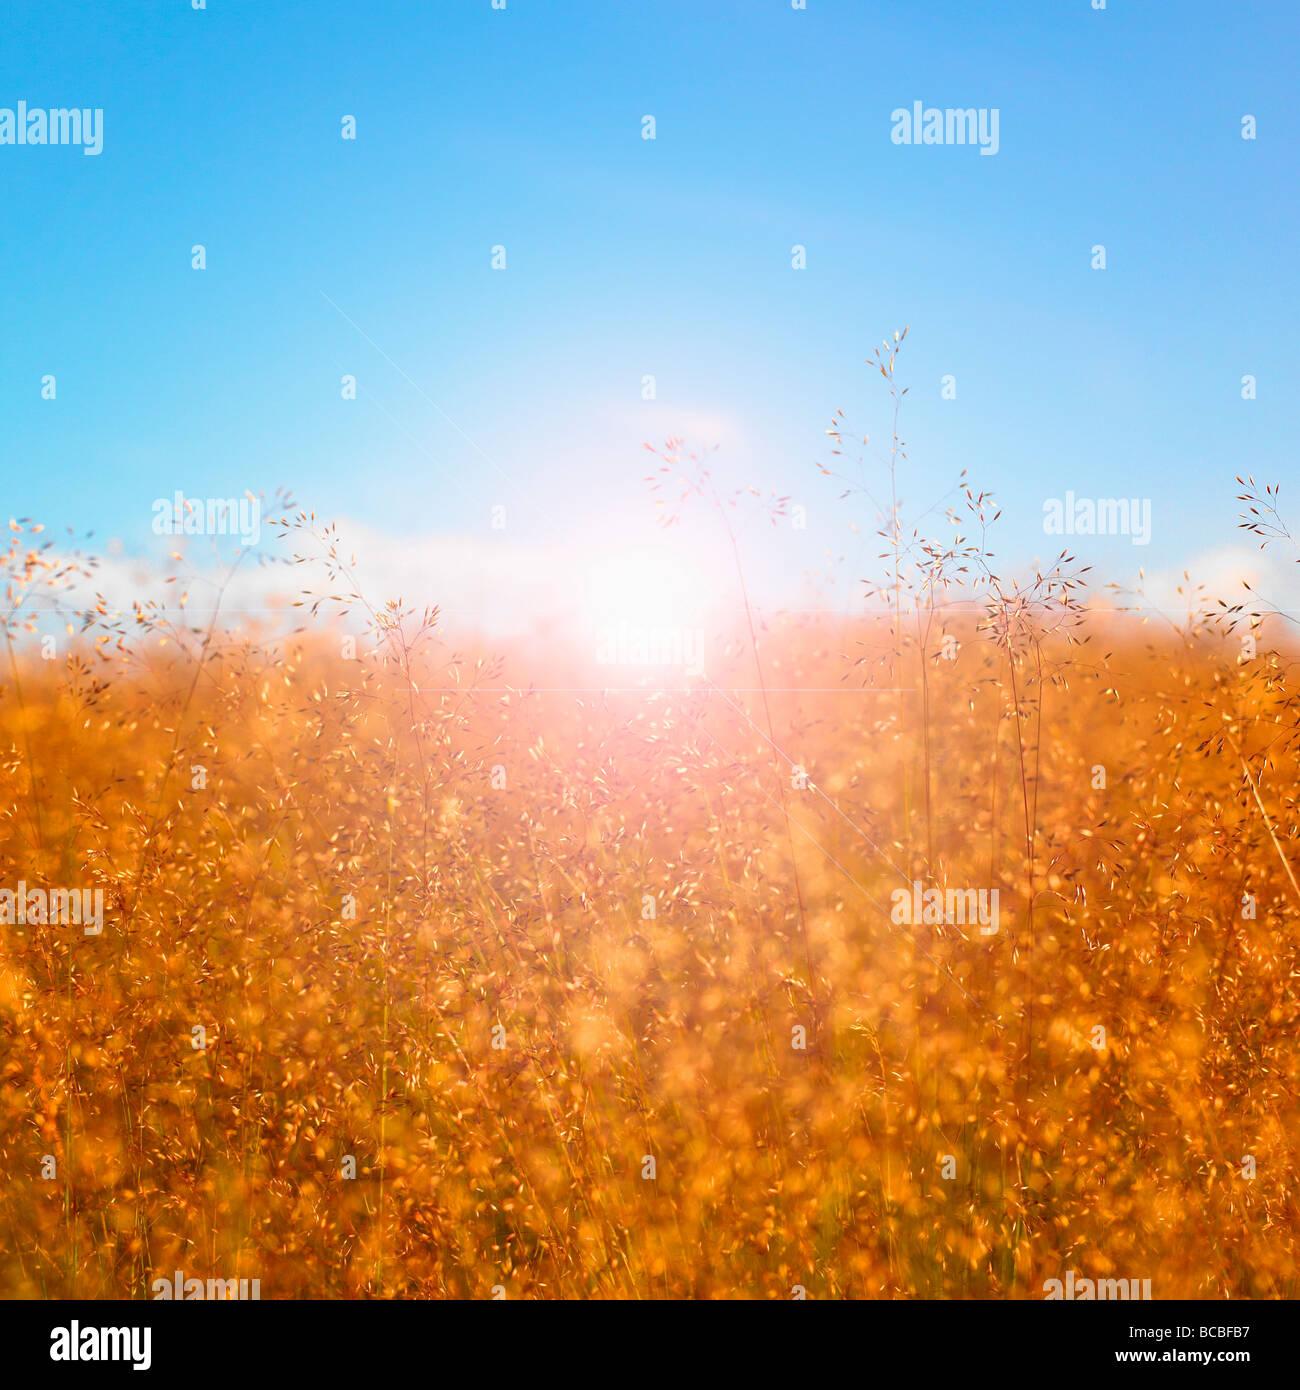 Grassamen Köpfe mit blauem Himmel und Sonne. Stockbild